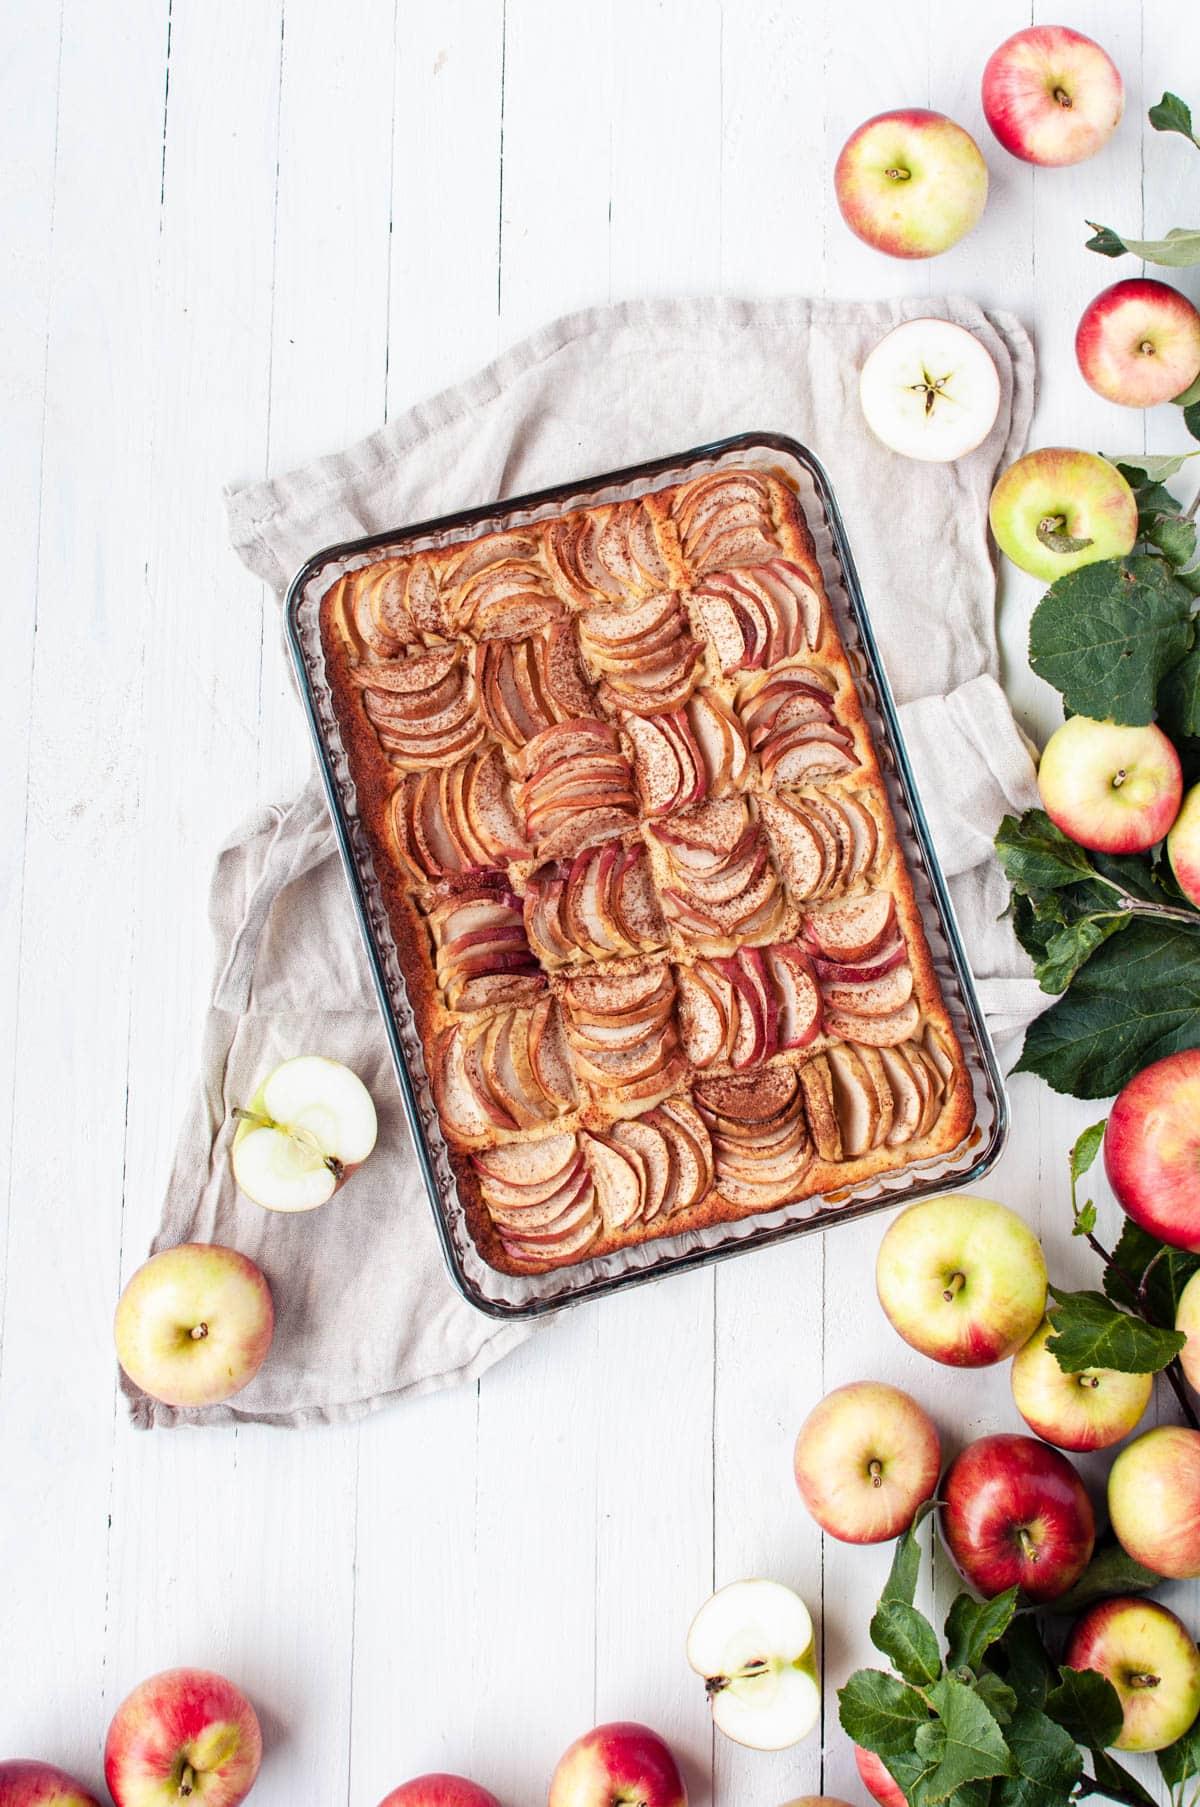 Omenapiirakka vuossaan ja tuoreita omenoita ja omenapuun lehtiä.